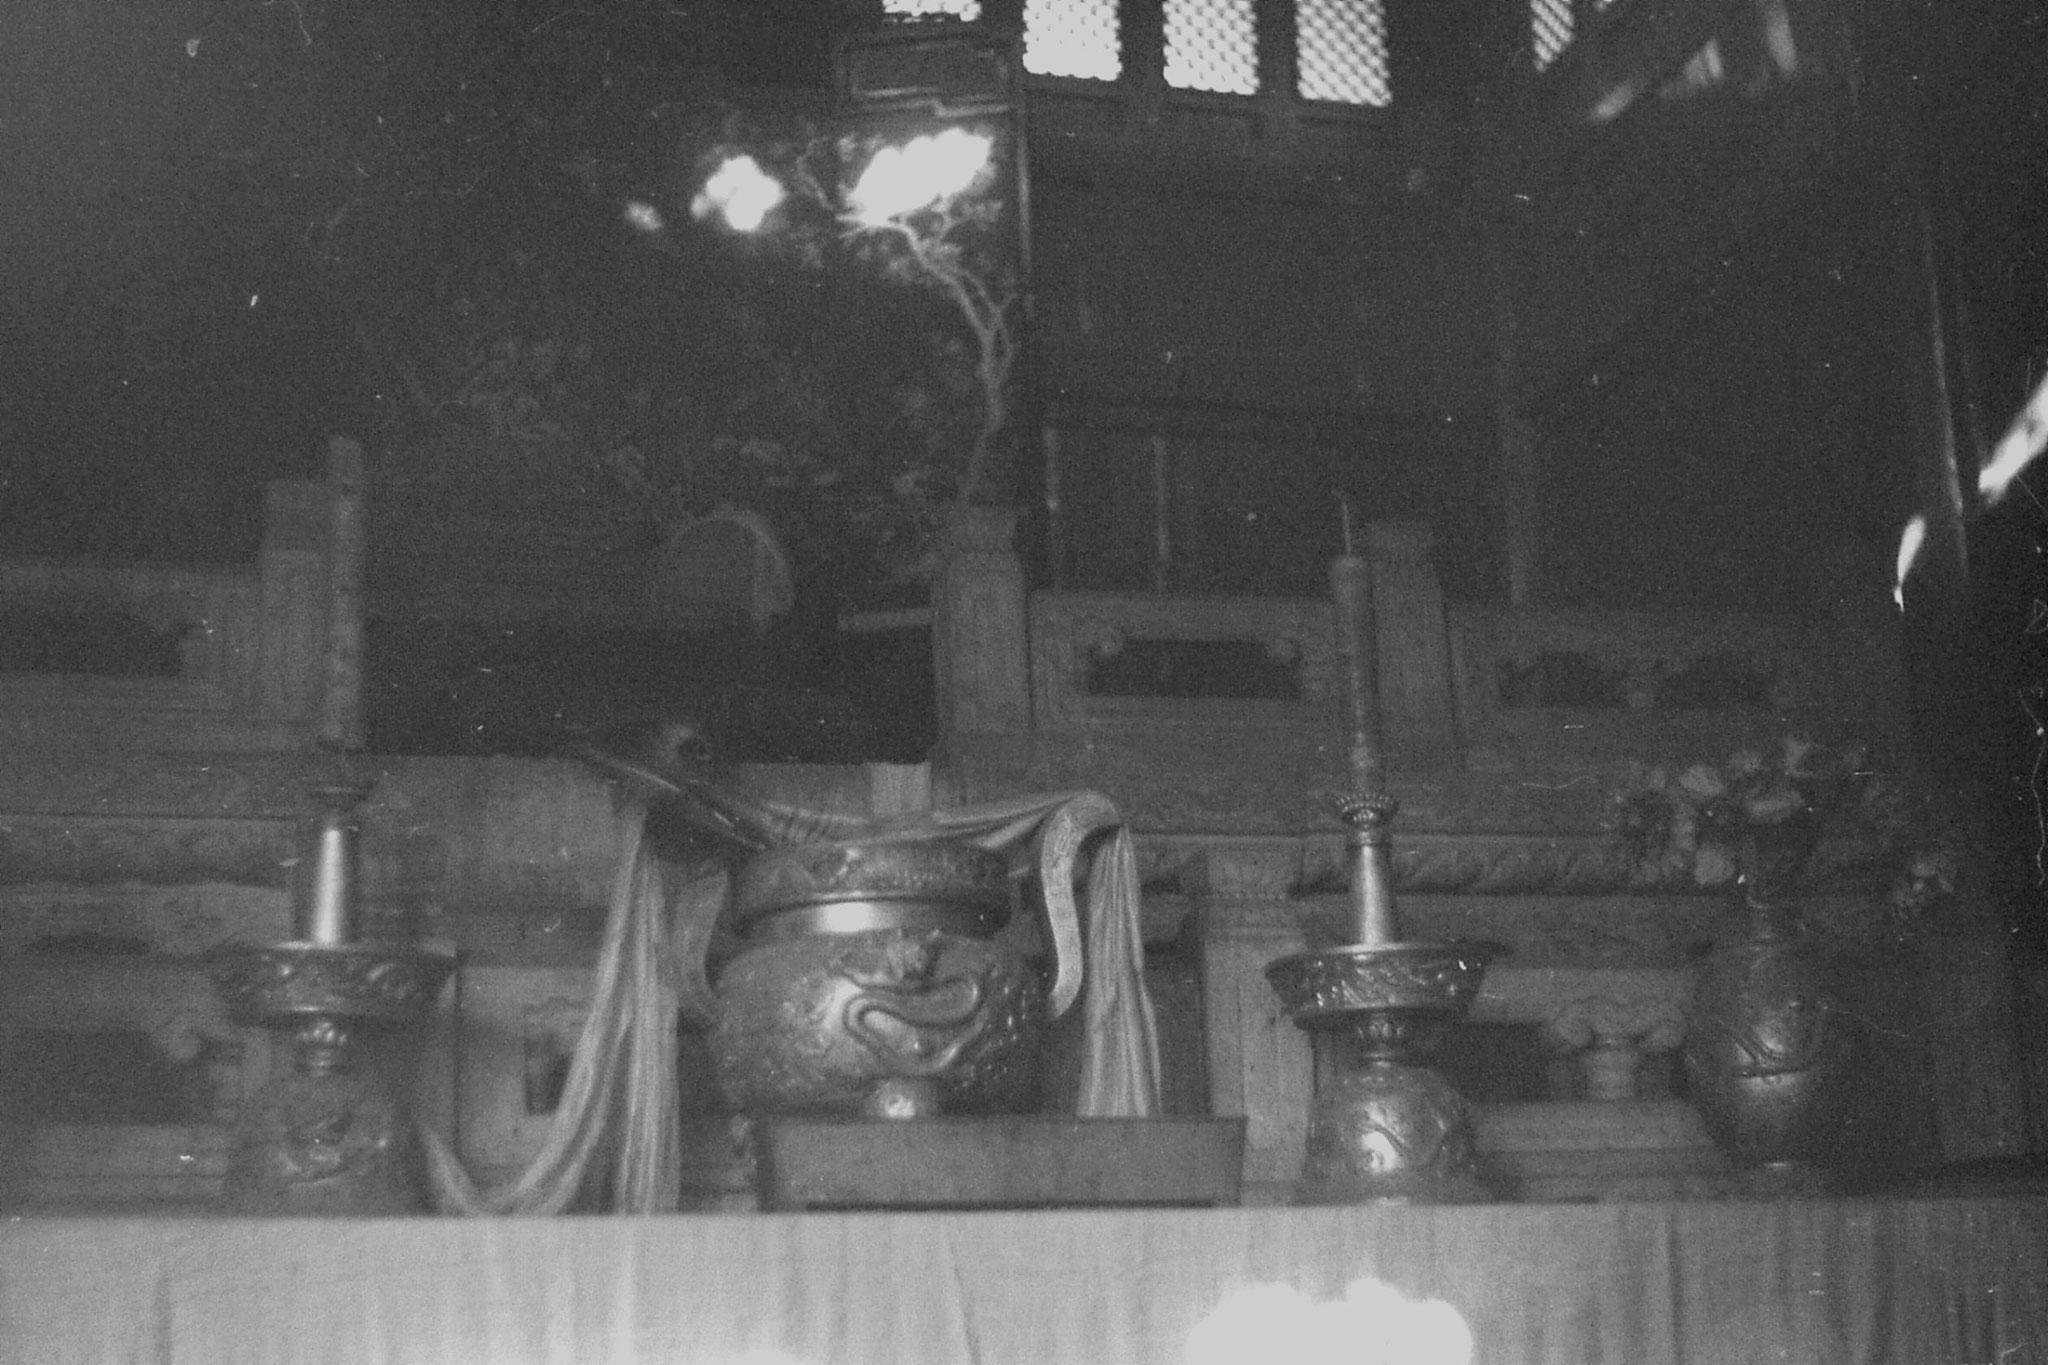 4/12/1988: 31: Yong He Temple, Beijing